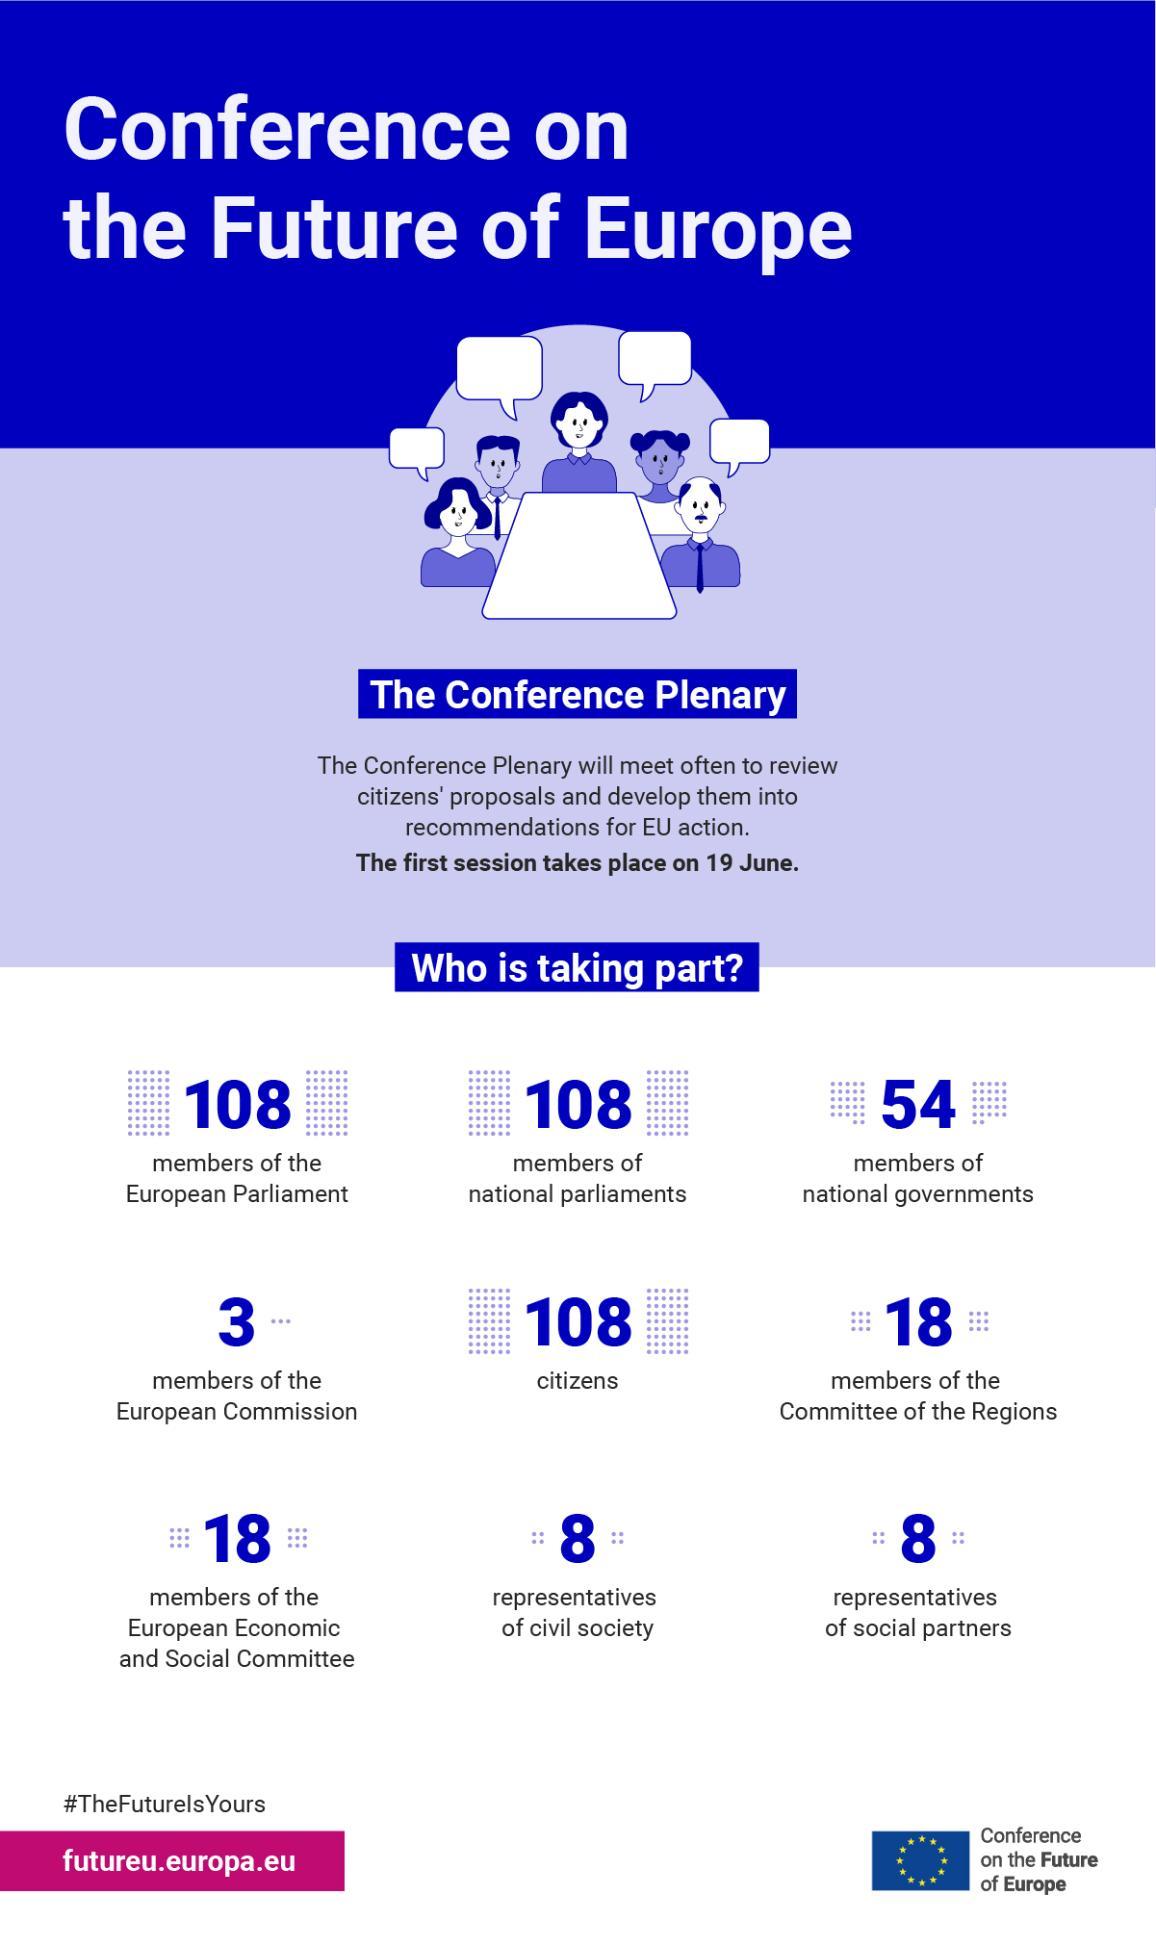 Infografiese verduideliking van die konferensie-plenaire vergadering